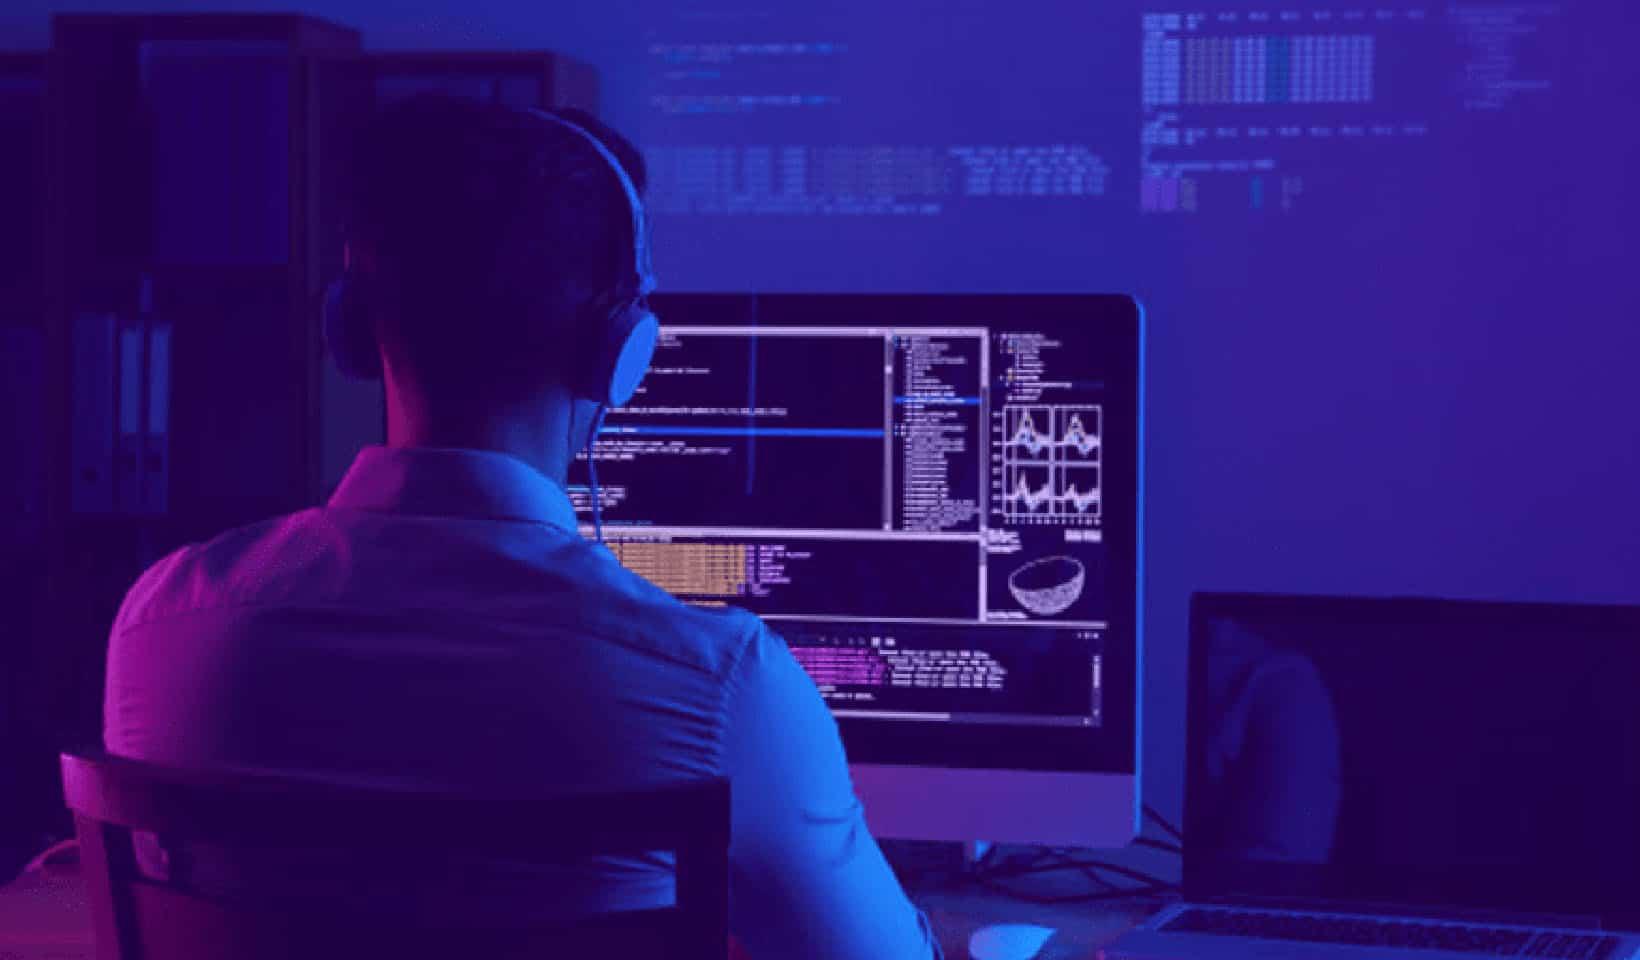 yazılım öğren, yazılıma nerden başlarım, kodlama öğren, kodlamaya nerden başlarım